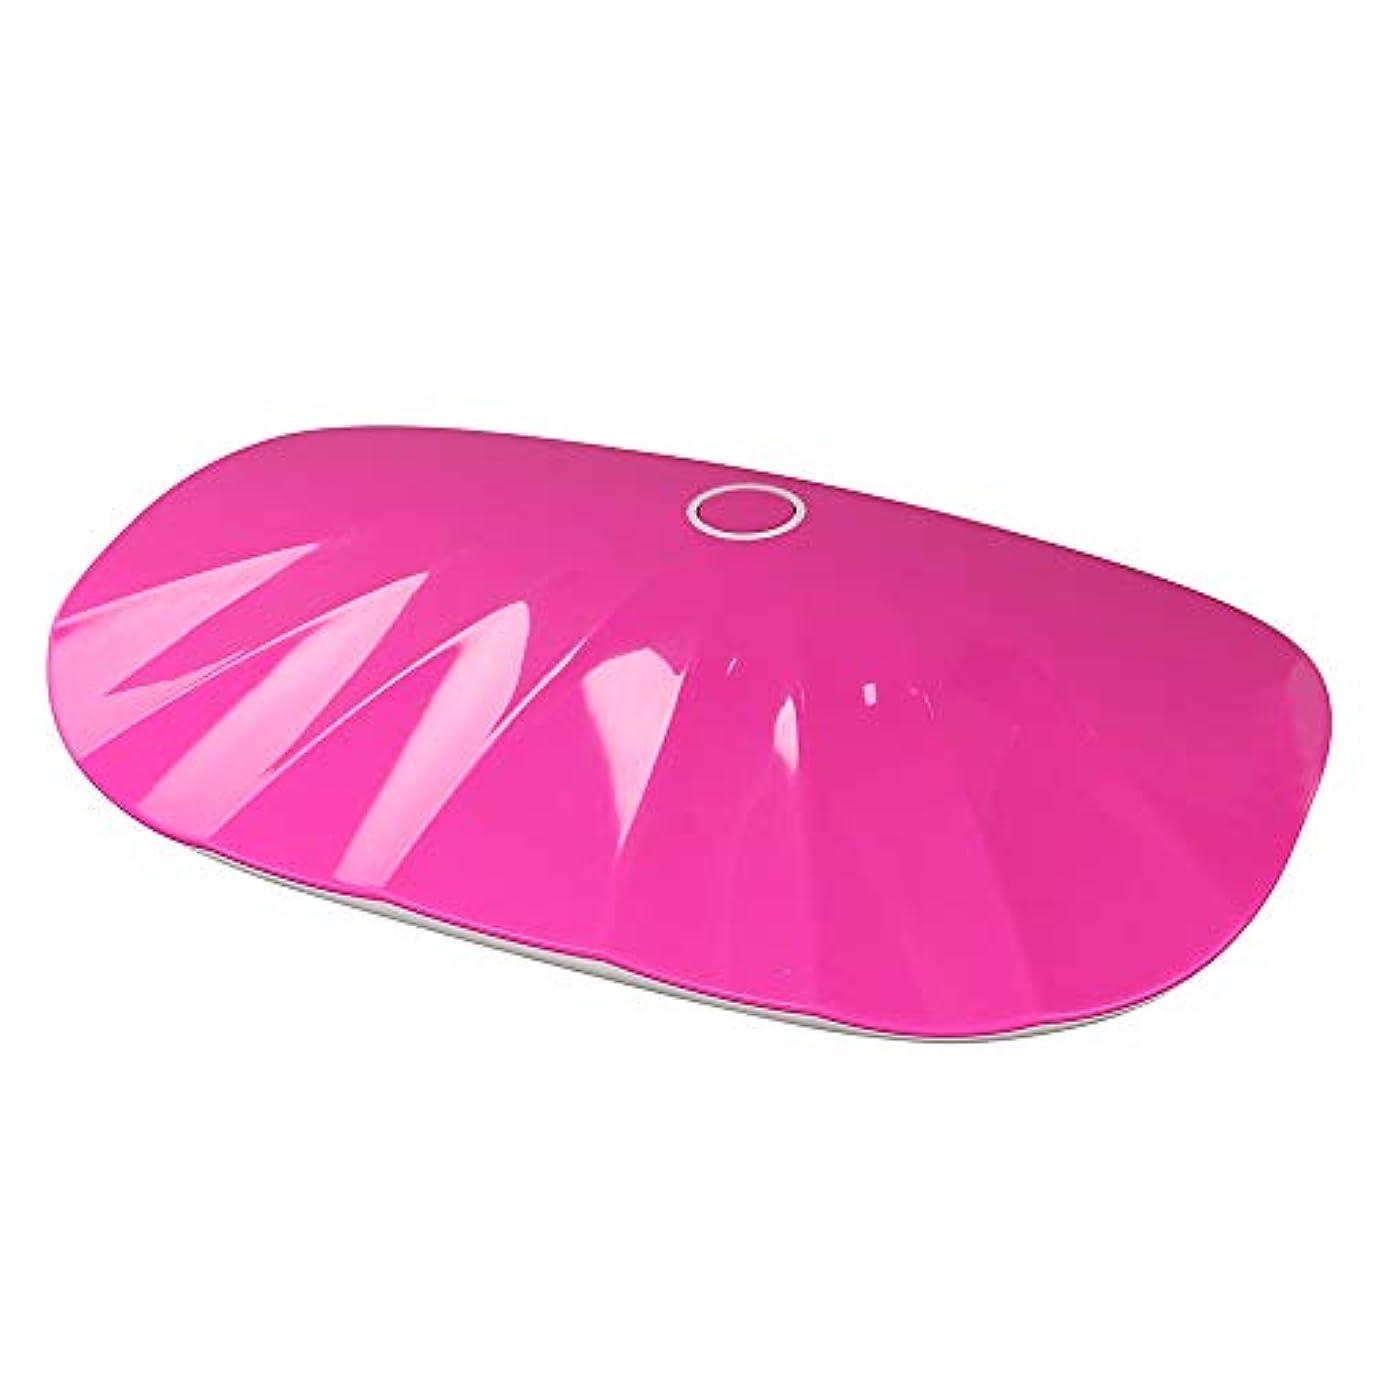 復活させる居間にじみ出るJilebao ネイルライト 6W ハイパワー USBライン付き ミニ 可愛い ジェルネイル レジンクラフト コンパクト LEDライト UVライト ネイルドライヤー 自動検知モード 折りたたみ式 手足とも使える (マルチカラー)